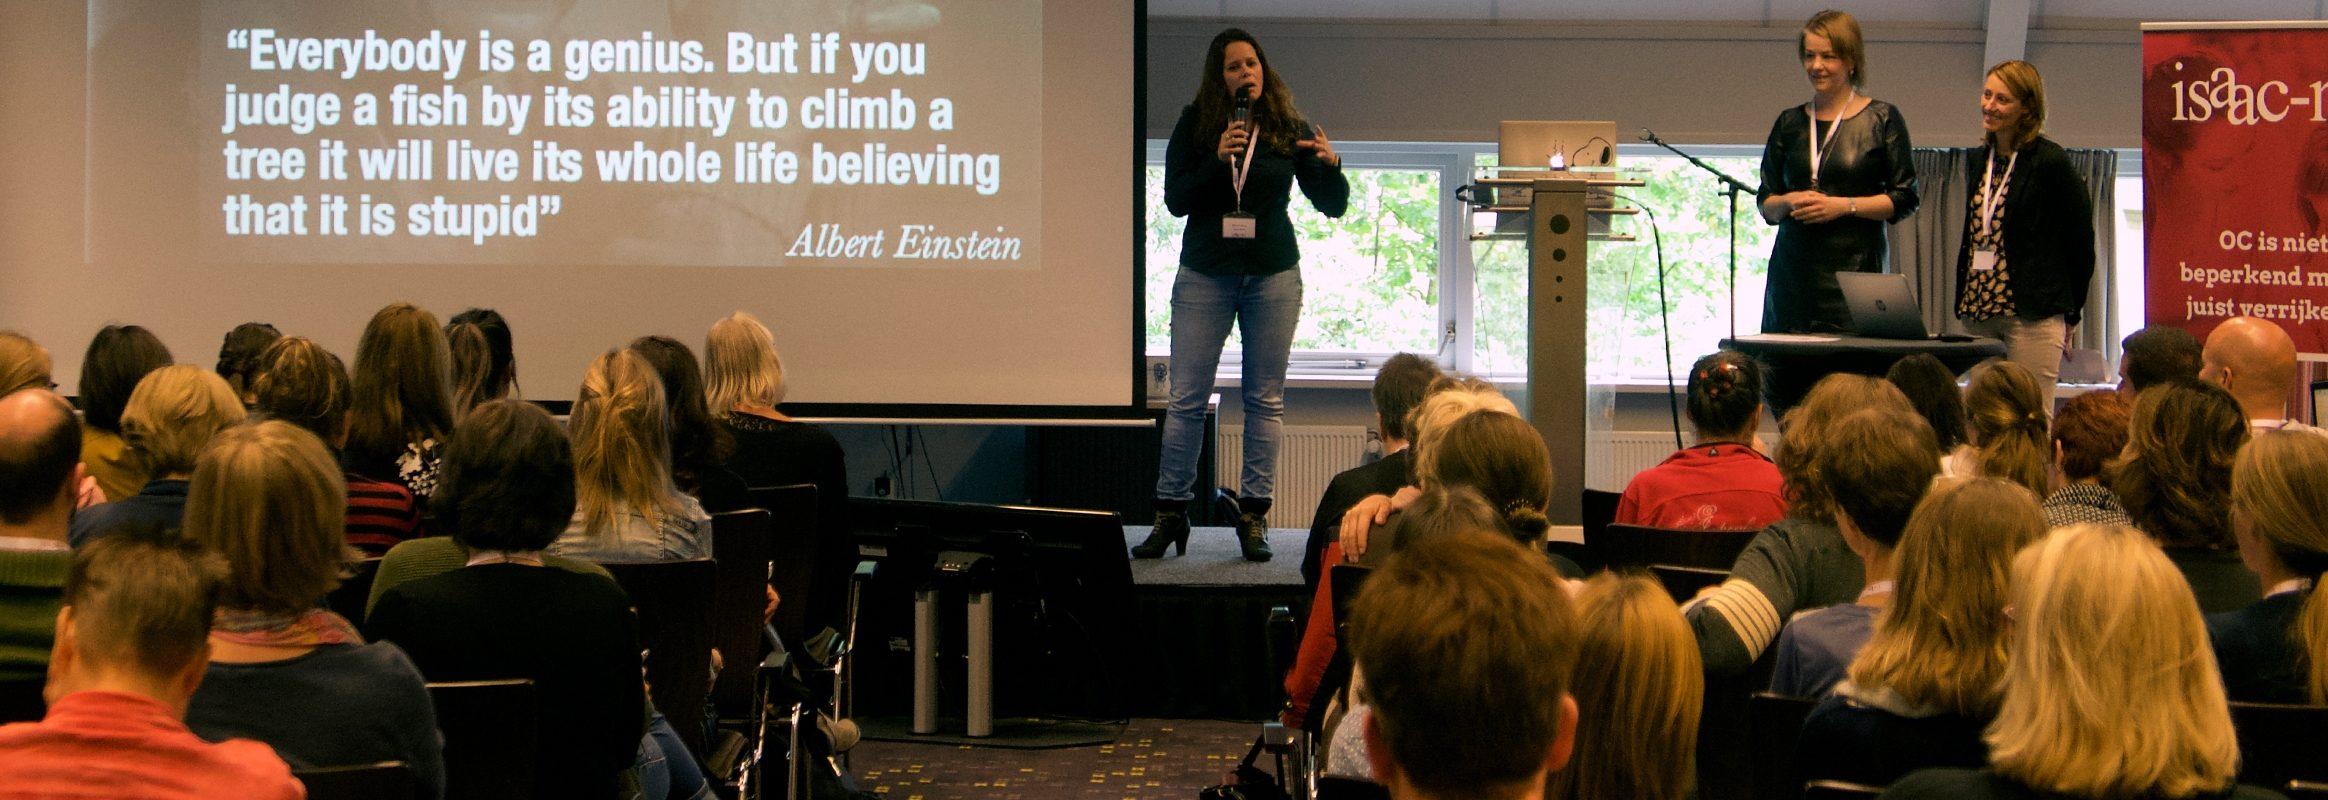 Willemijn op het podium tijdens de Isaac NF congres 2018